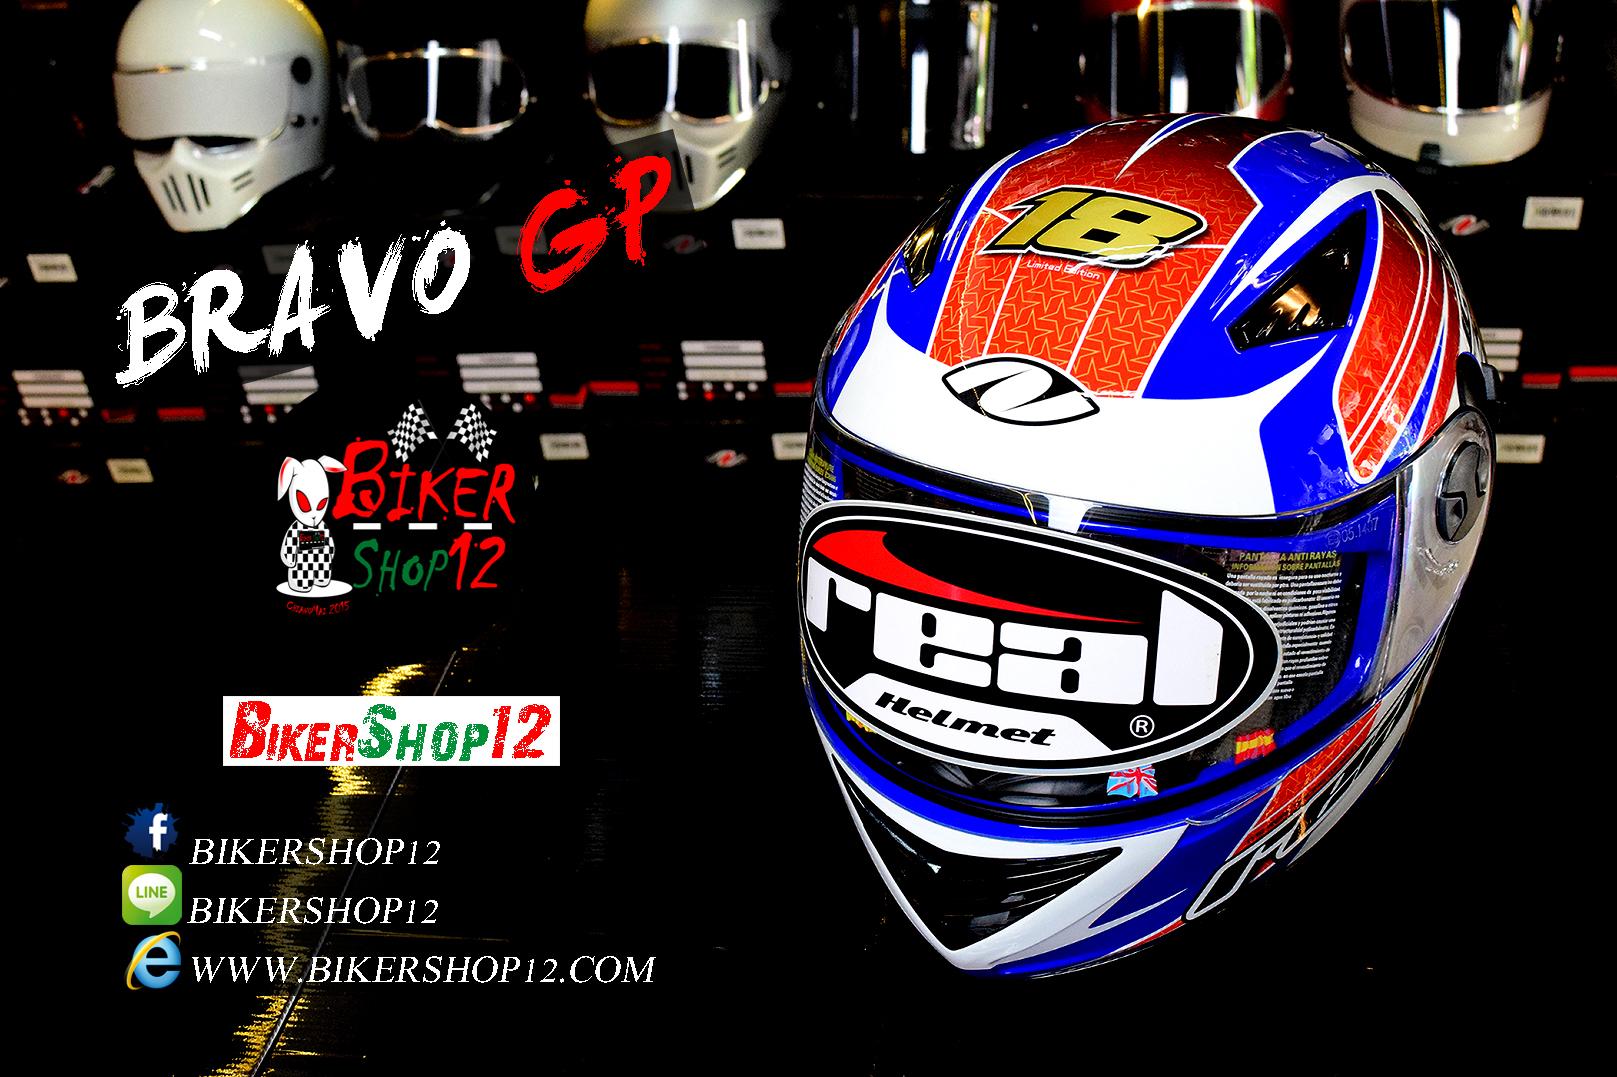 หมวกกันน็อคReal รุ่นBravo GP สีน้ำเงิน-แดง-ทอง